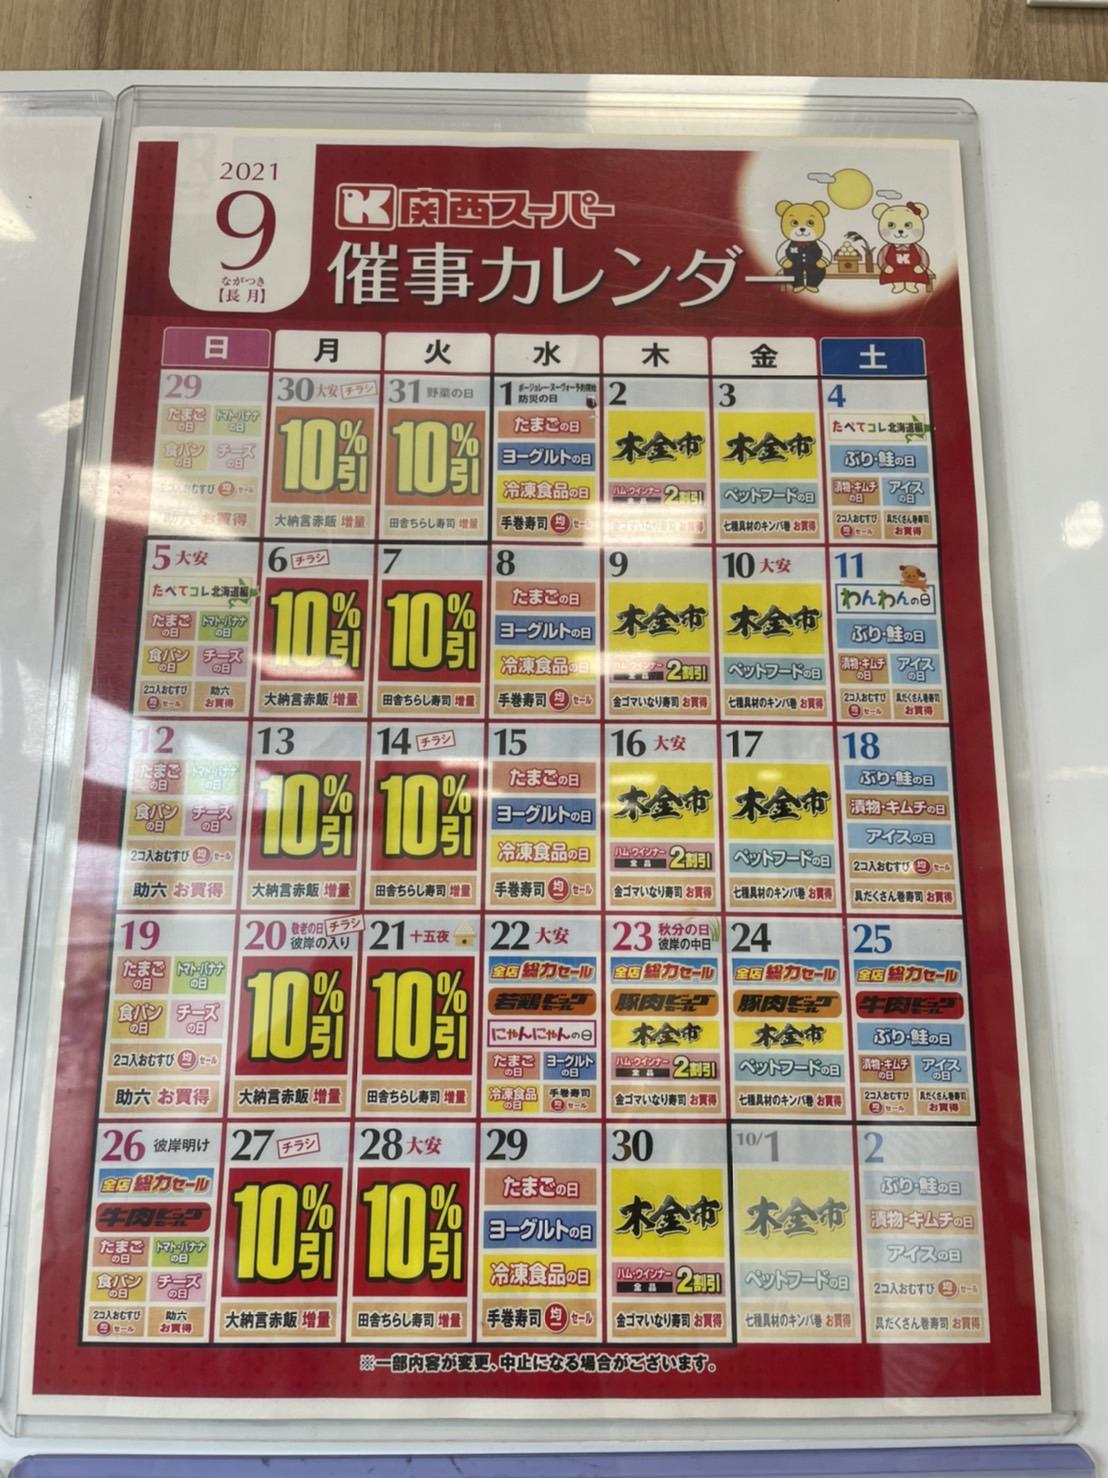 ★関西スーパー西冠店★今月の催事カレンダーの画像